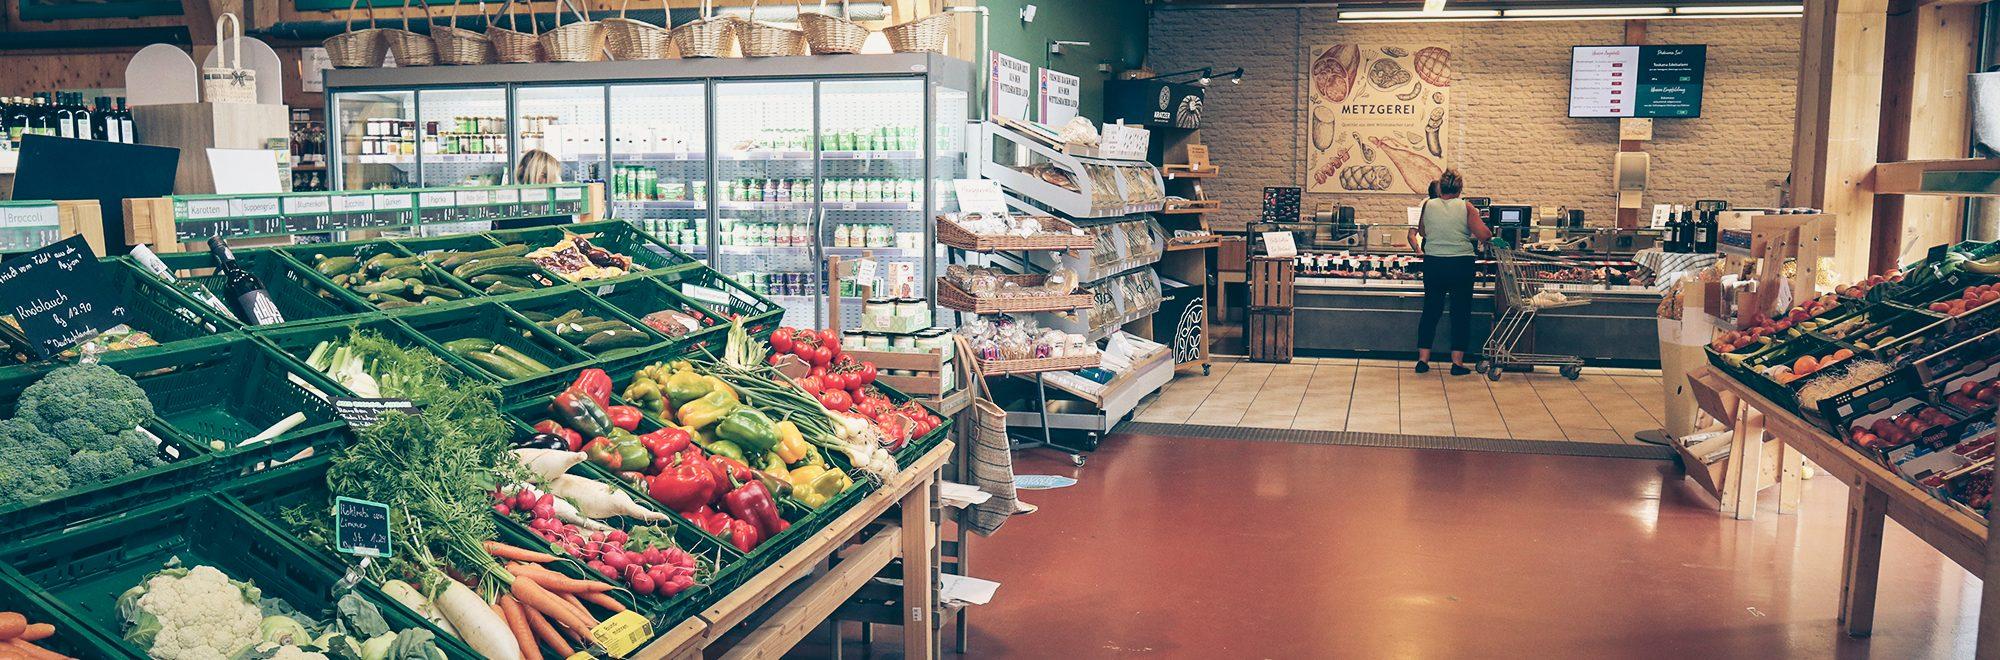 Bauernmarkt-Dasing Eingang Handel